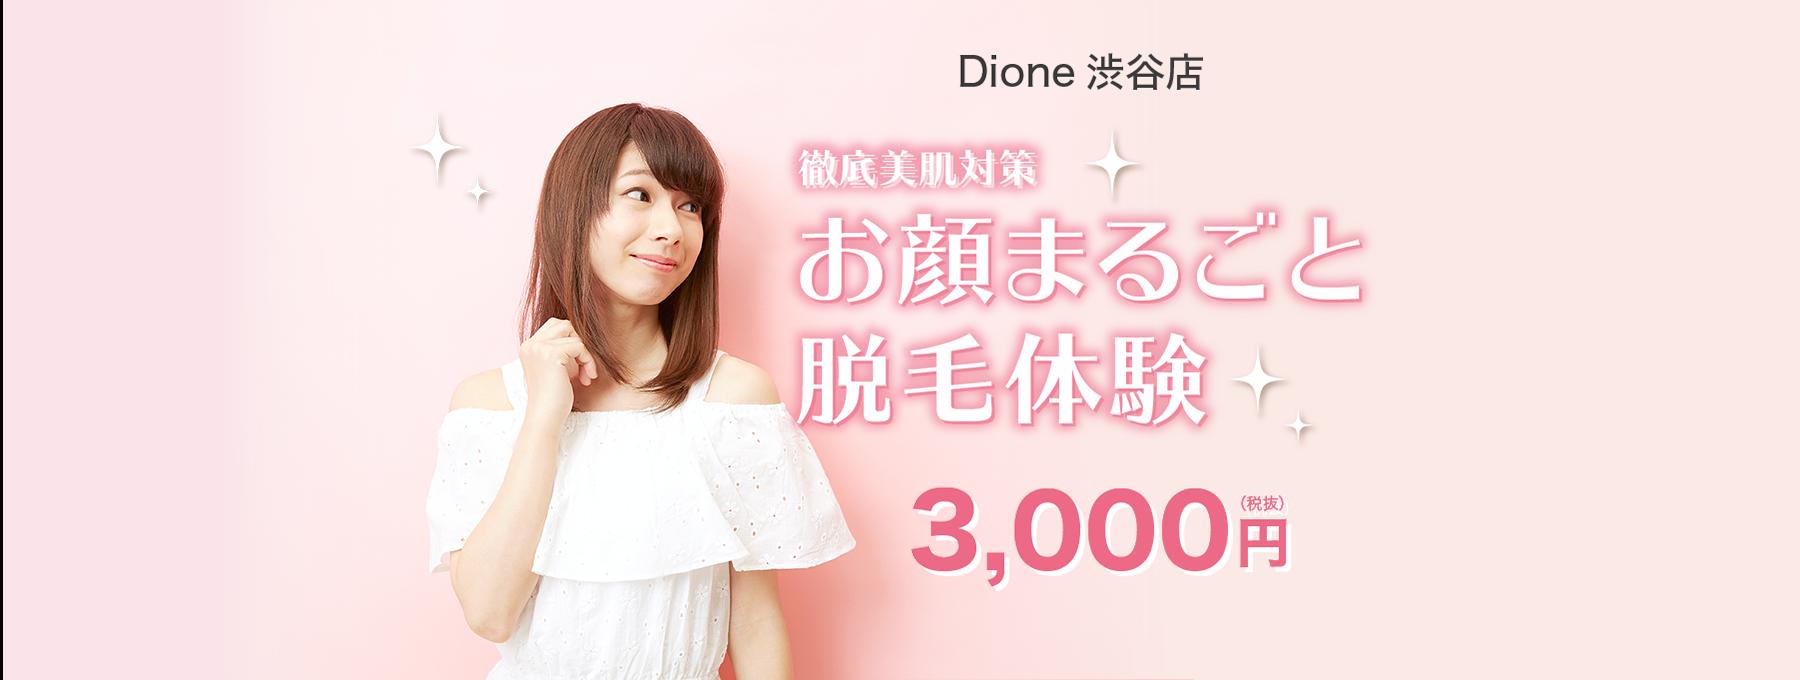 Dione渋谷店 徹底美肌対策 お顔まるごと脱毛体験 3000円